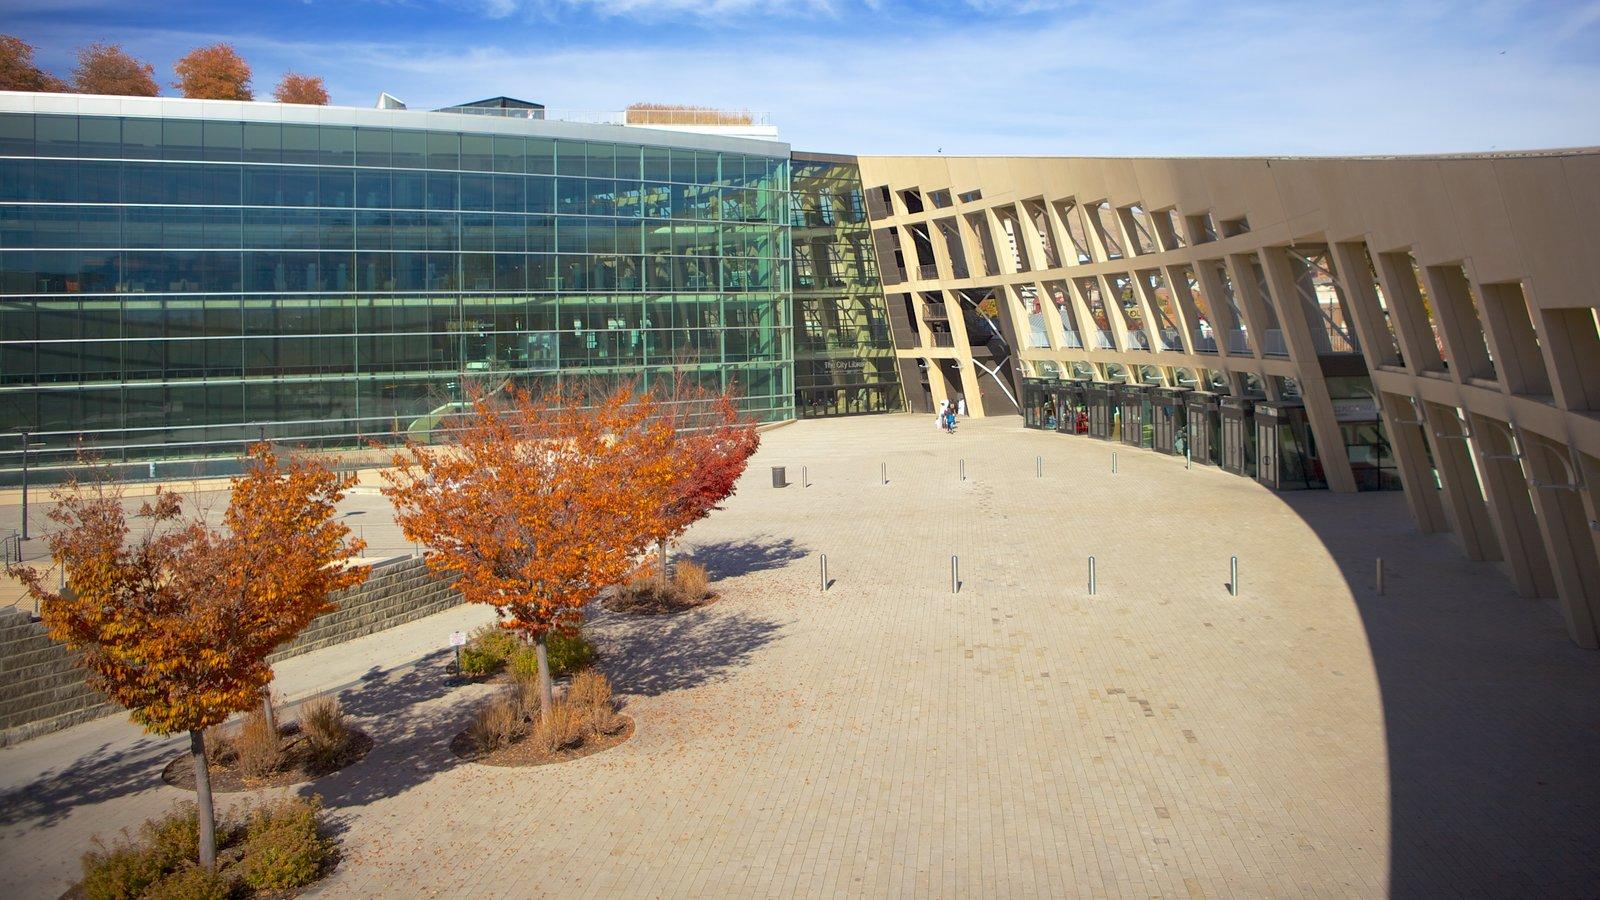 Salt Lake City mostrando uma praça ou plaza, uma cidade e arquitetura moderna